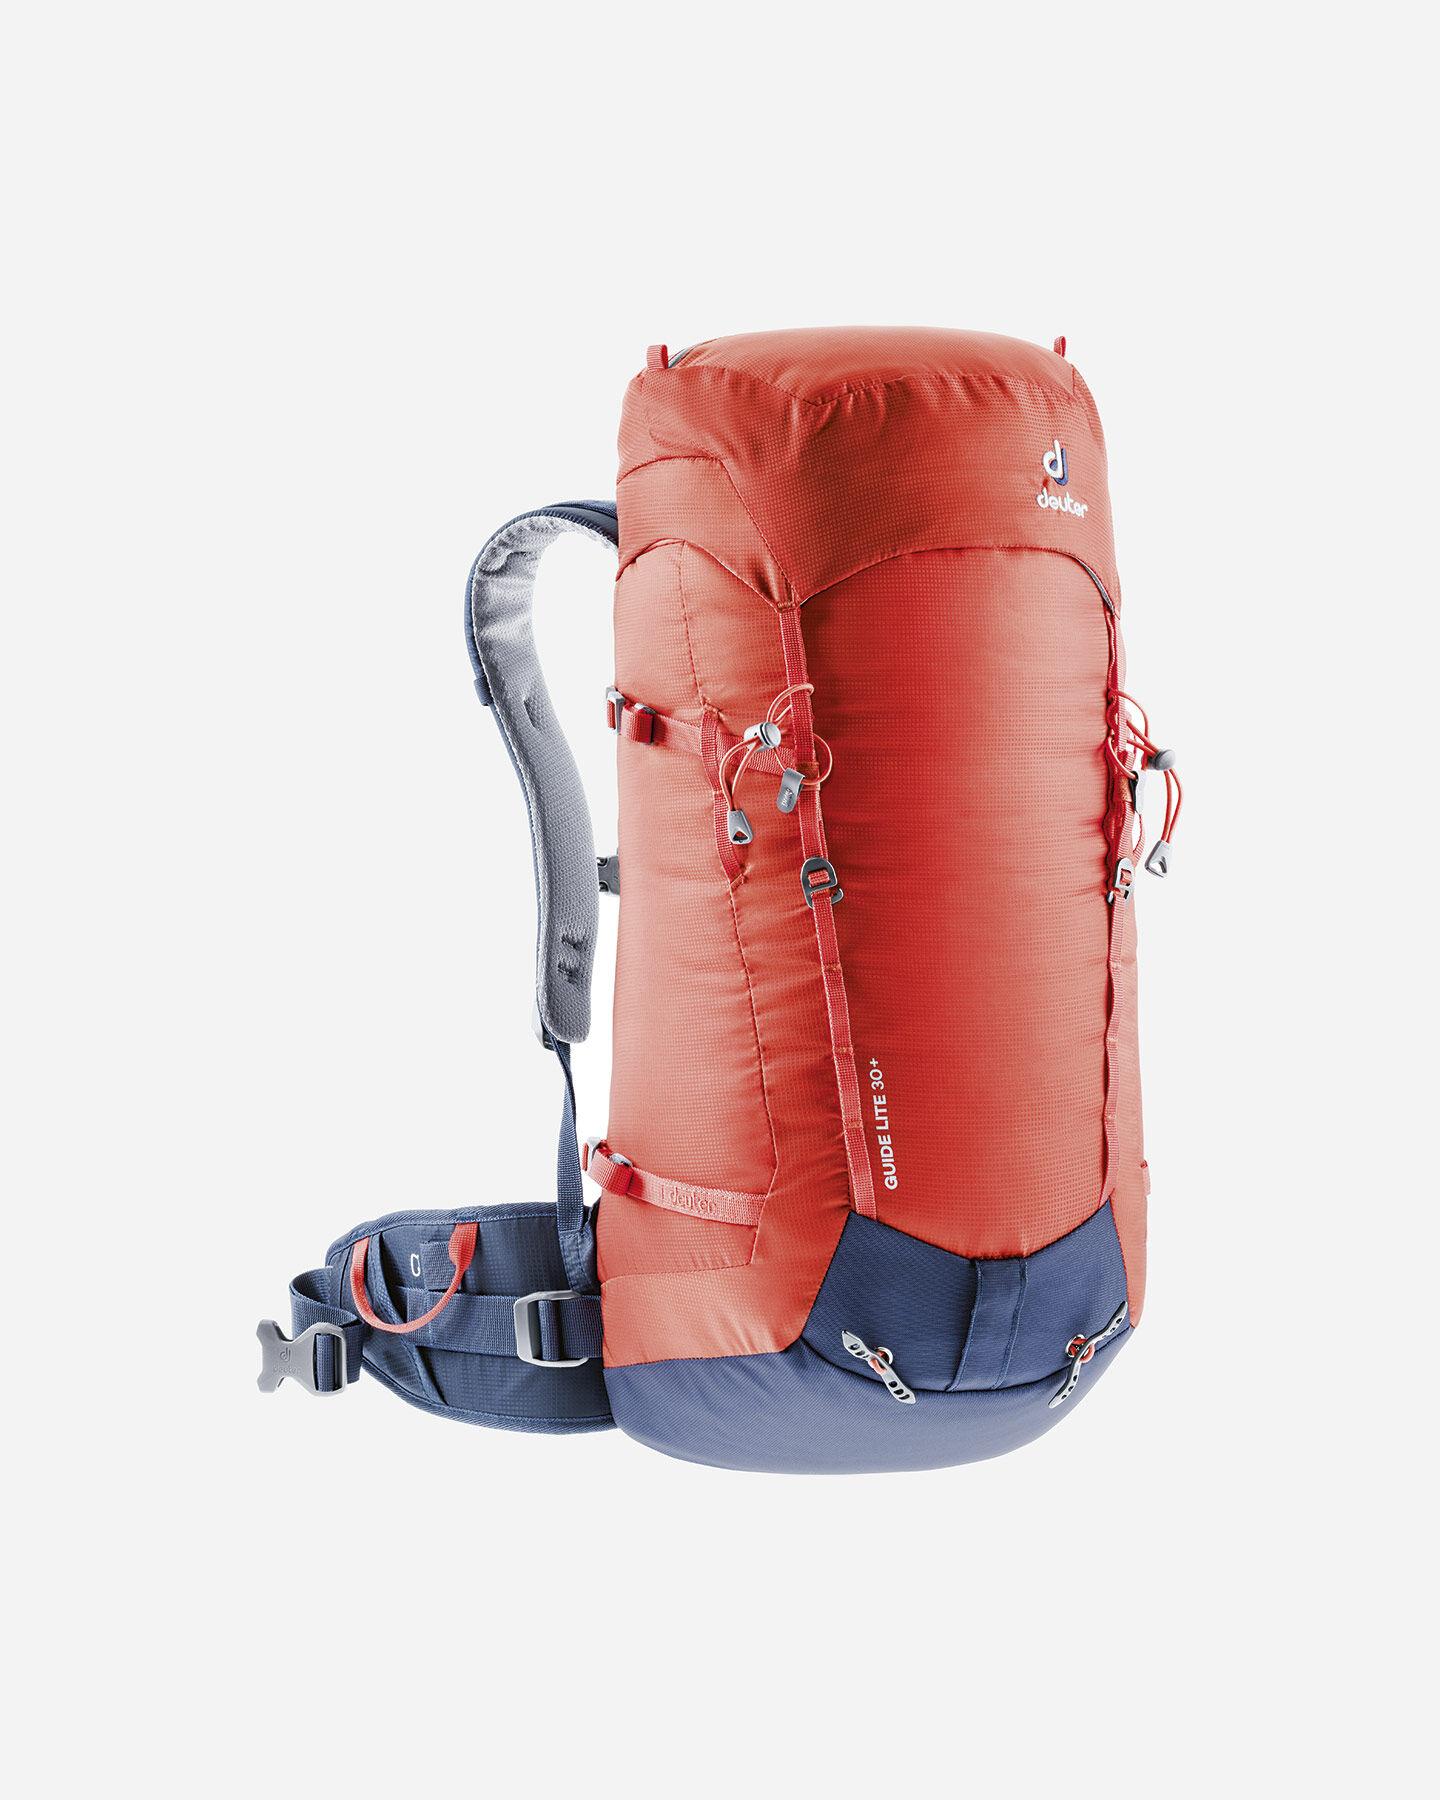 Zaino alpinismo DEUTER GUIDE LITE 30+ S4077421 9311 UNI scatto 0